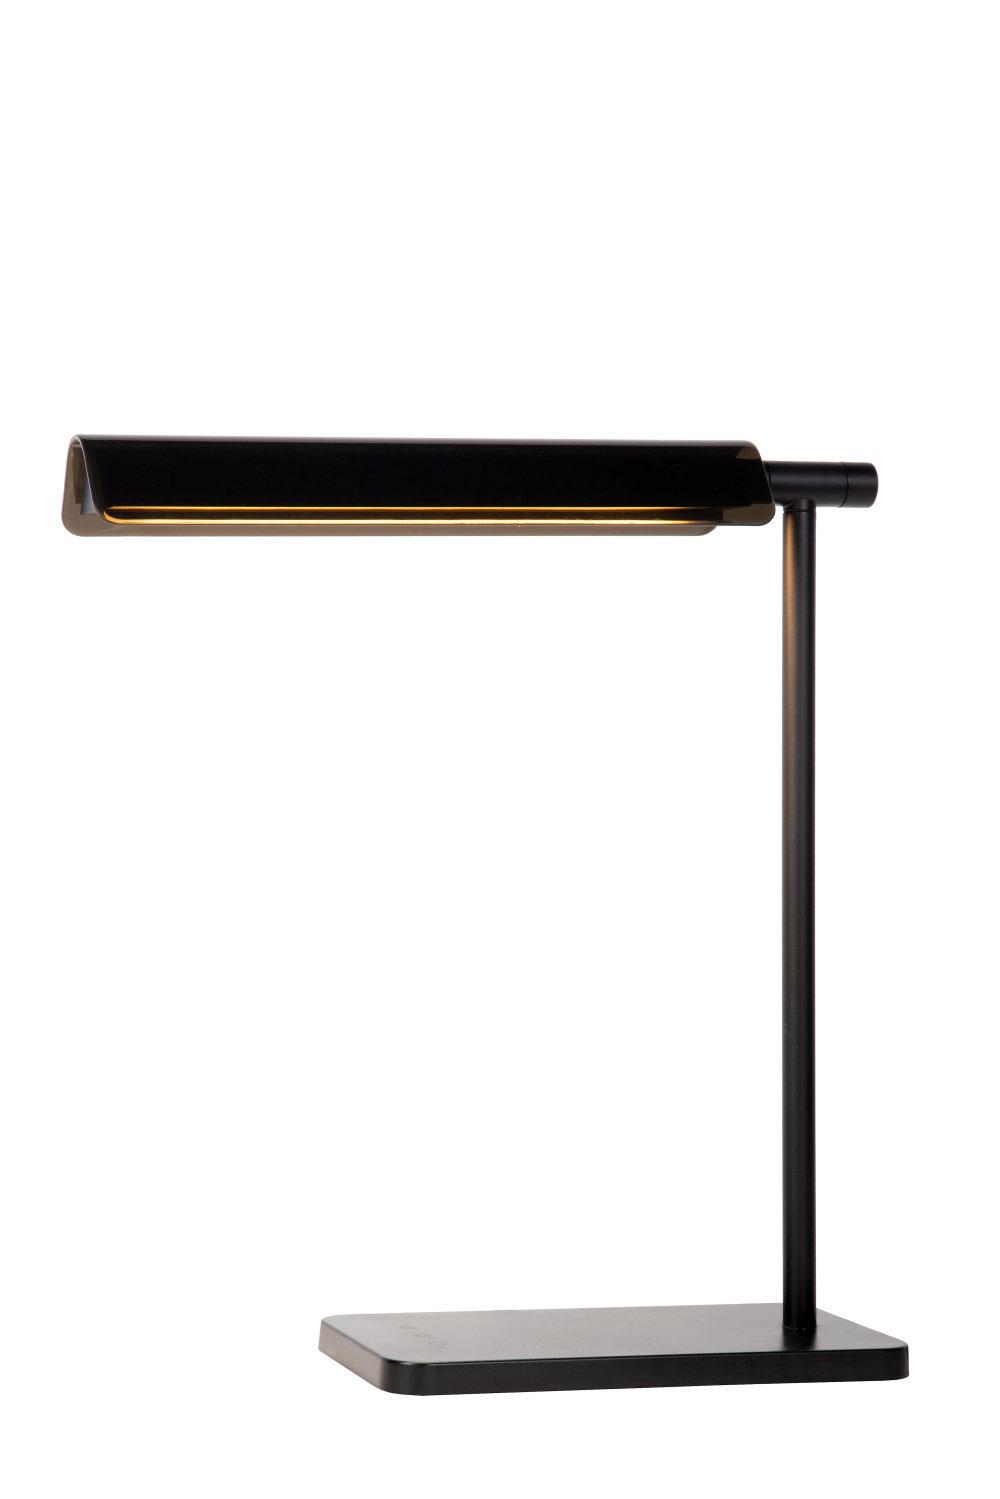 Lucide LEVI Bureaulamp-Zwart-LED Dimb.-8W-3000K/6500K